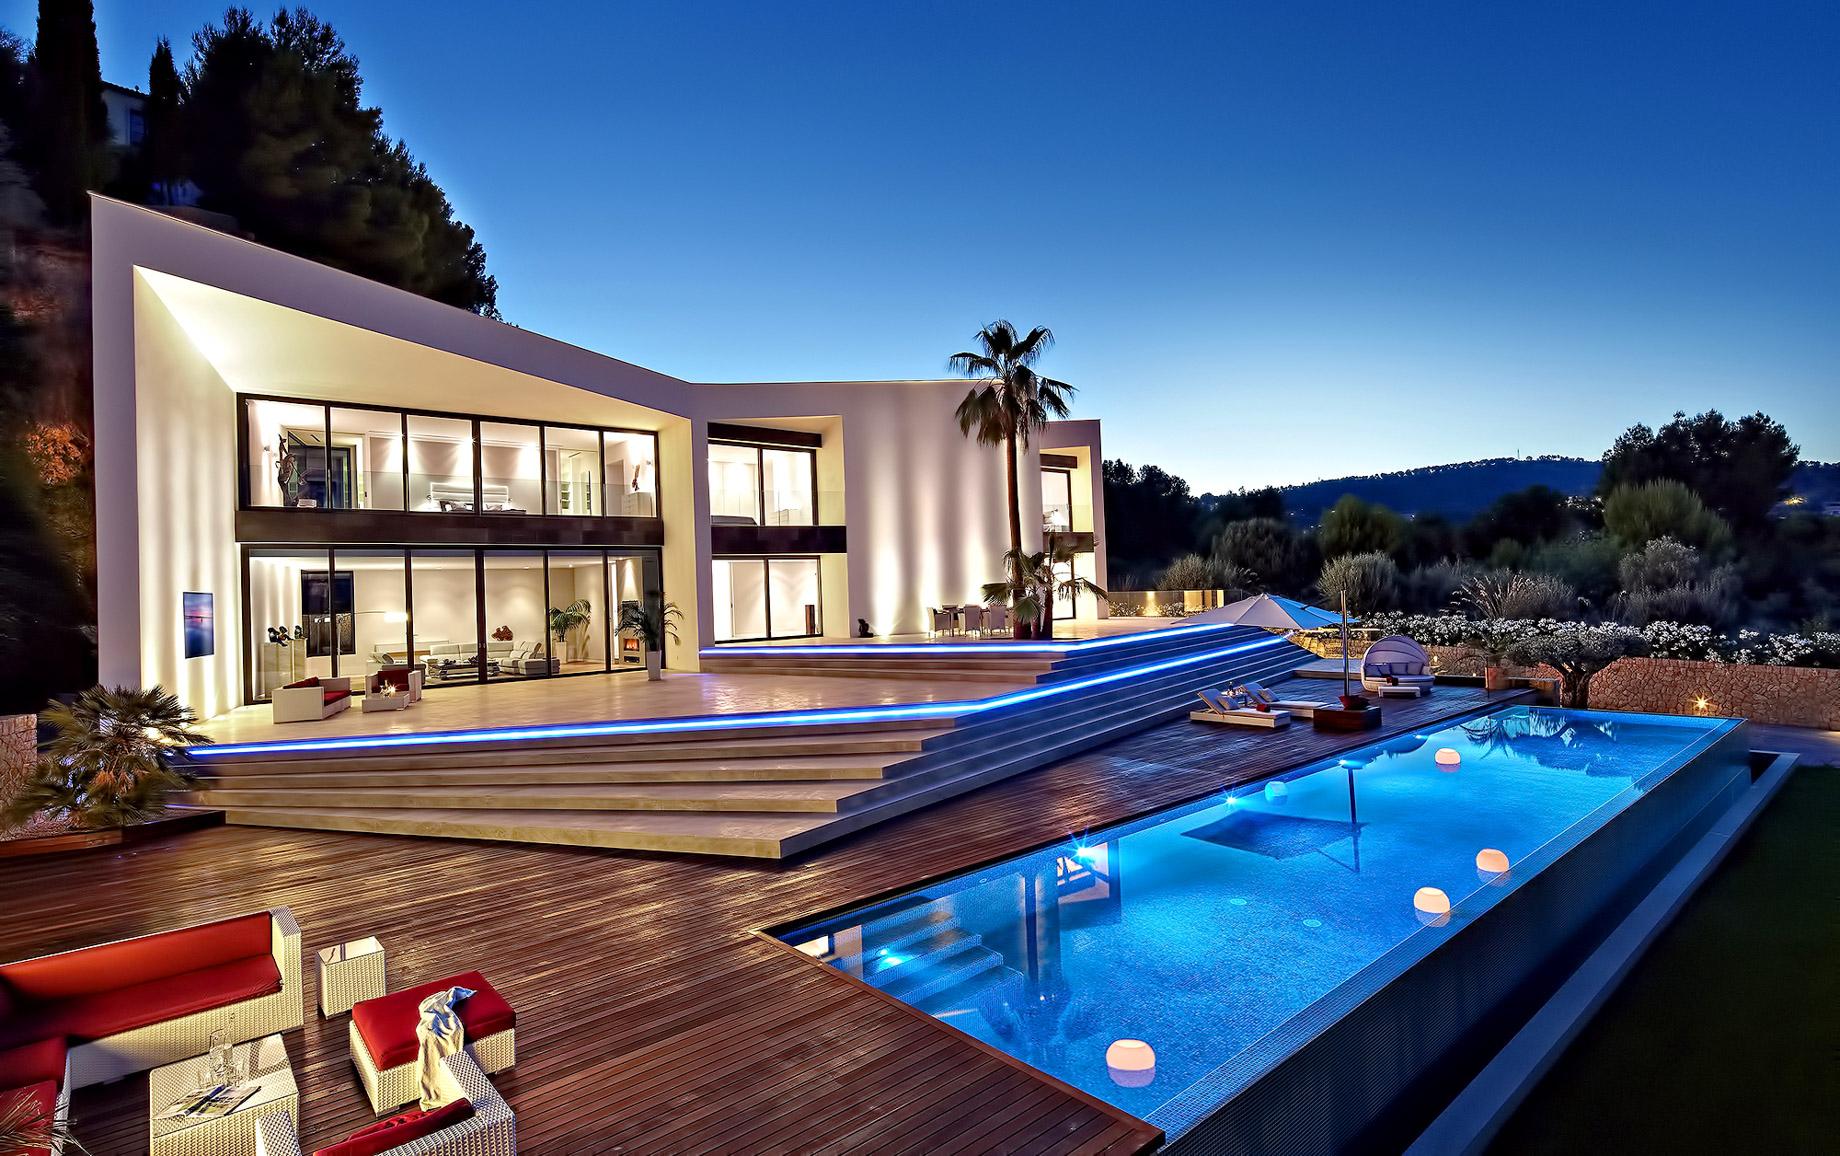 Villa Origami Luxury Residence Son Vida Mallorca Spain